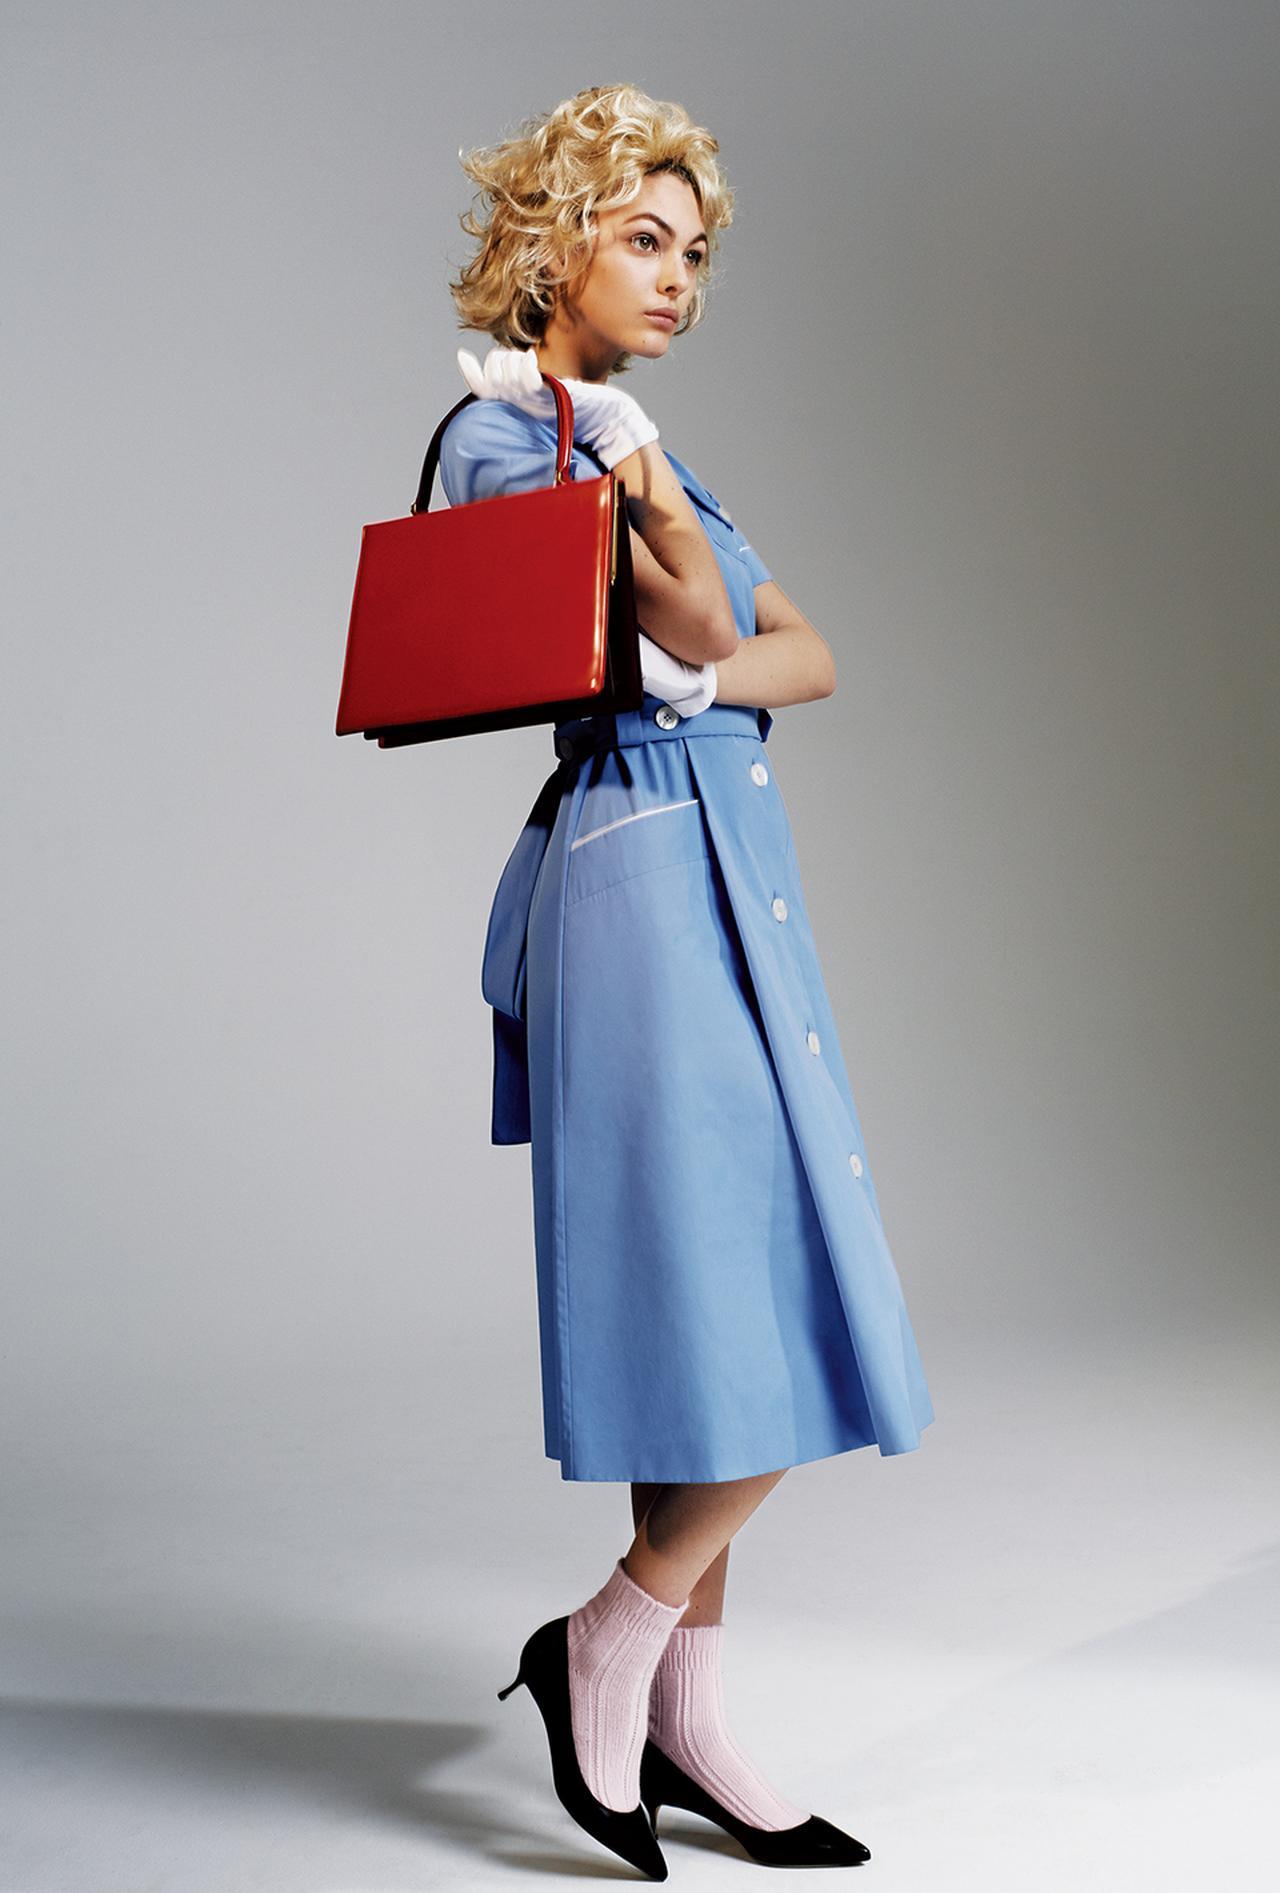 Images : 1番目の画像 - 「リトルホームドレスは 見かけほど甘くない」のアルバム - T JAPAN:The New York Times Style Magazine 公式サイト